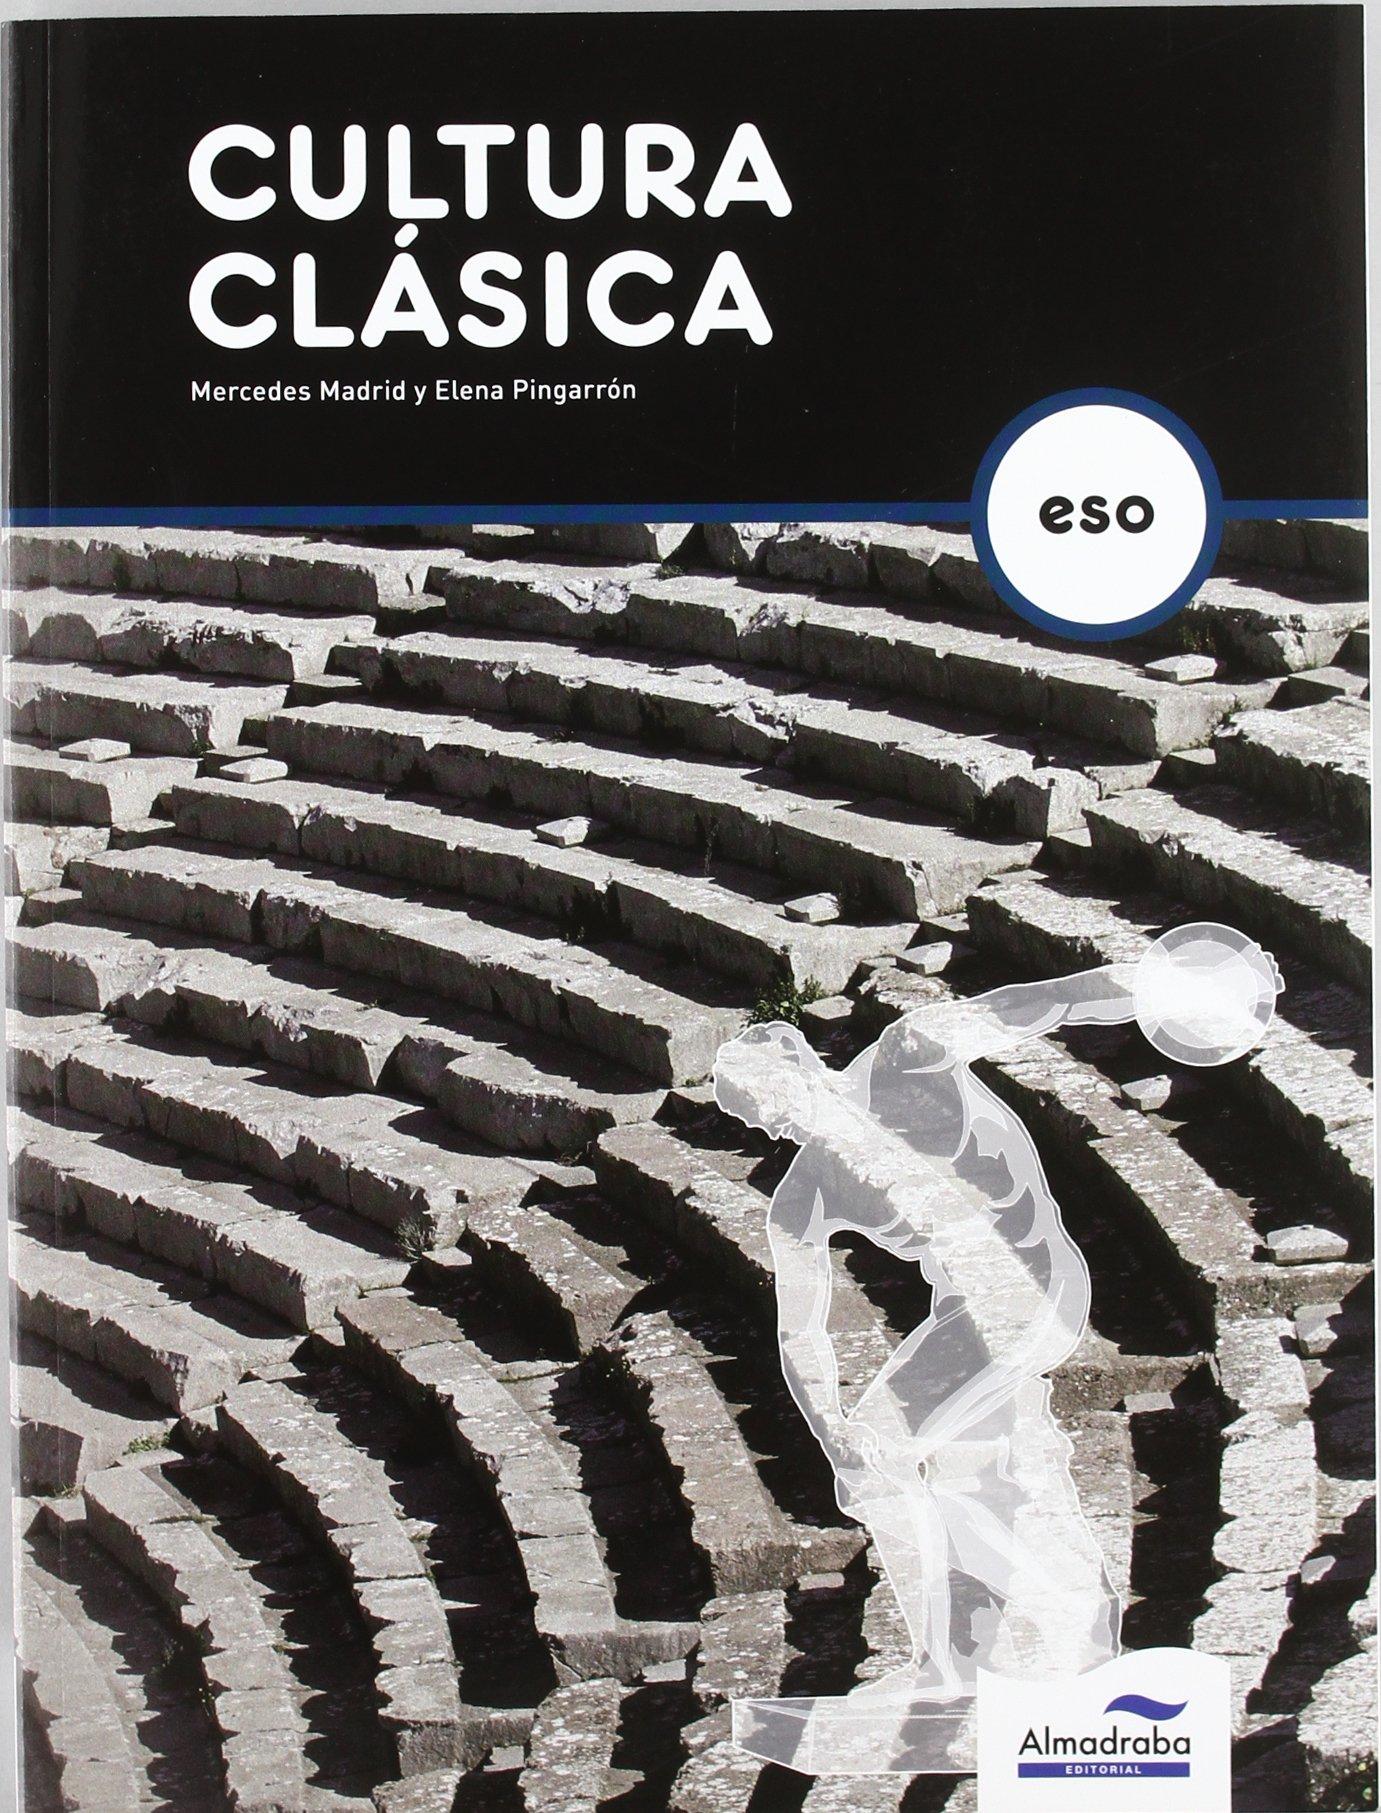 Cultura Clásica - 9788483086452: Amazon.es: Madrid Navarro, Mercedes, Pingarrón Seco, Elena: Libros